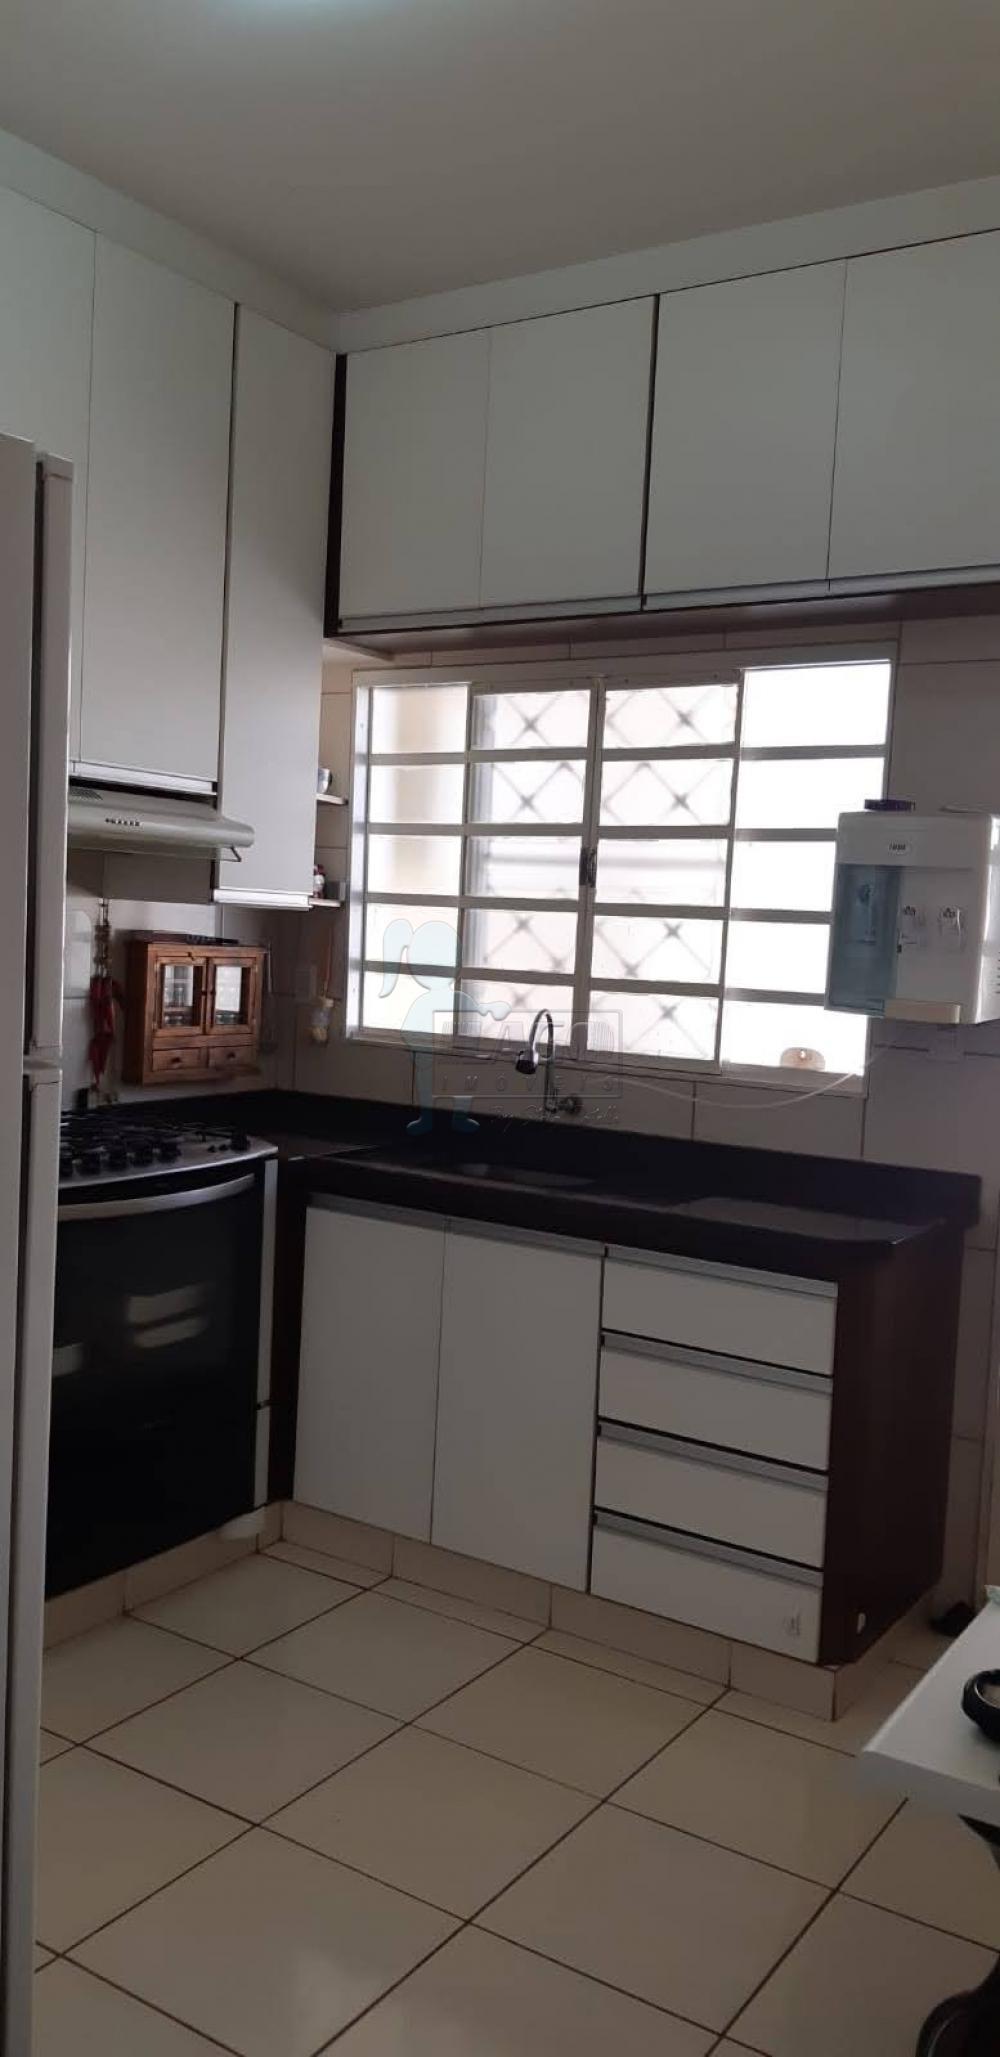 Comprar Casas / Padrão em Ribeirão Preto R$ 249.000,00 - Foto 14